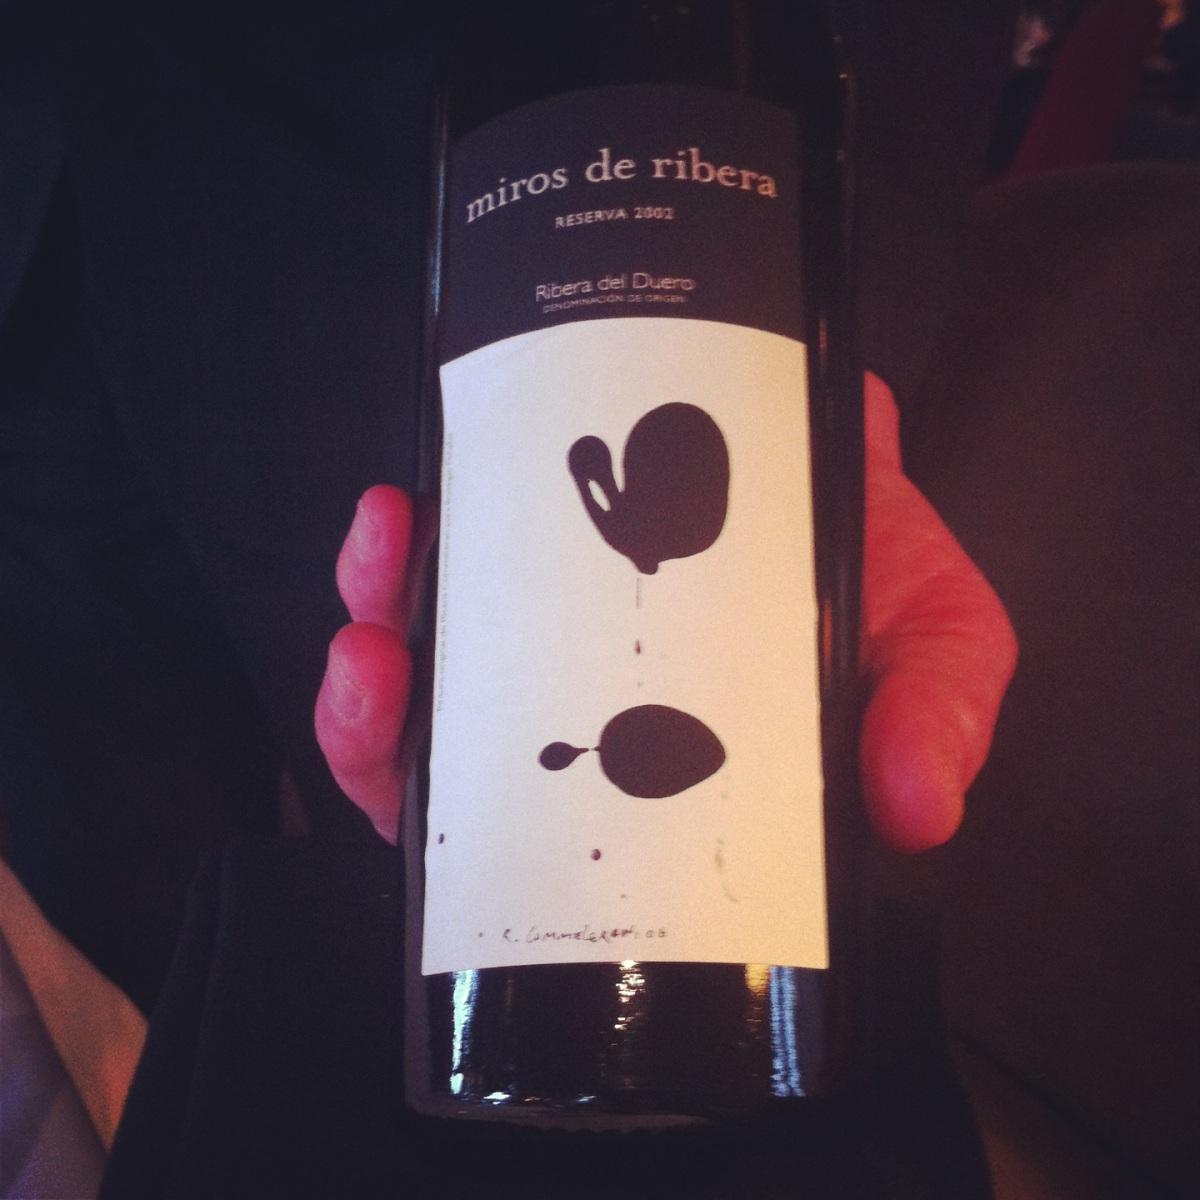 Miros de Ribera - meilleur vin à ce jour!